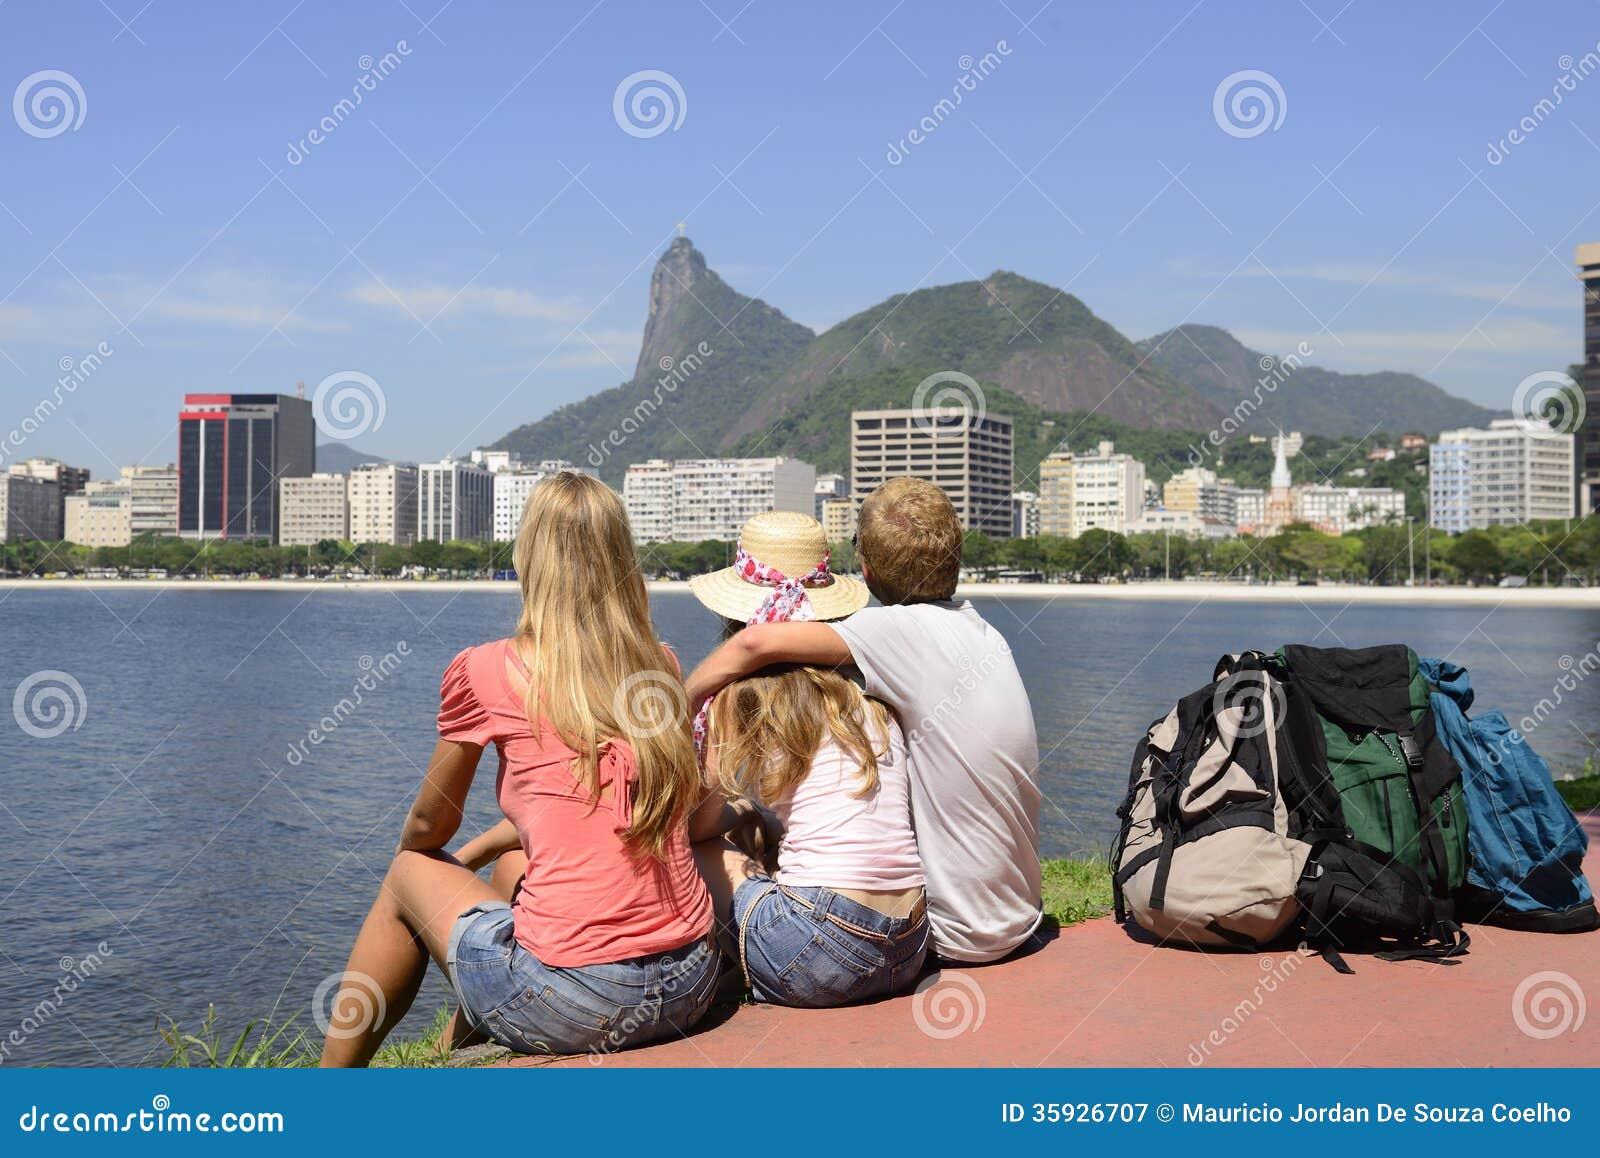 Backpackers turyści patrzeje Chrystus w Rio De Janeiro odkupiciel.